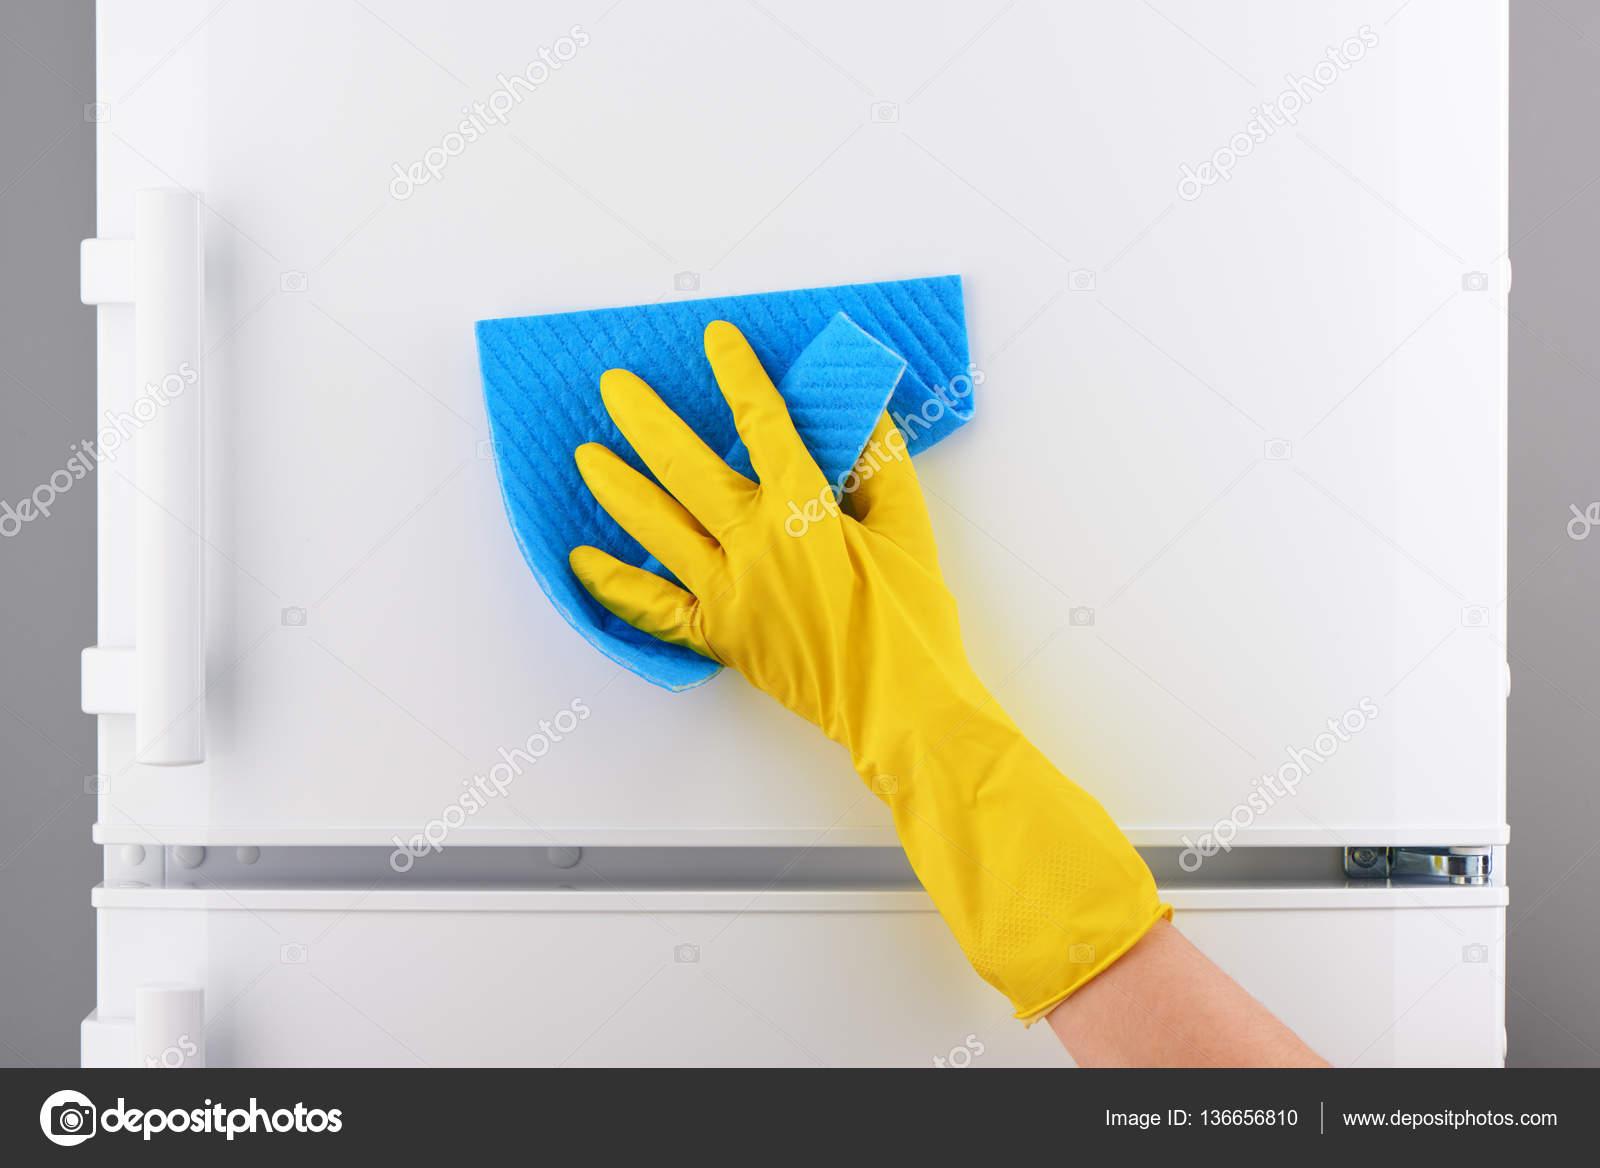 Kühlschrank Reinigen : Hand im gelben handschuh weiß kühlschrank mit blauen lappen reinigen